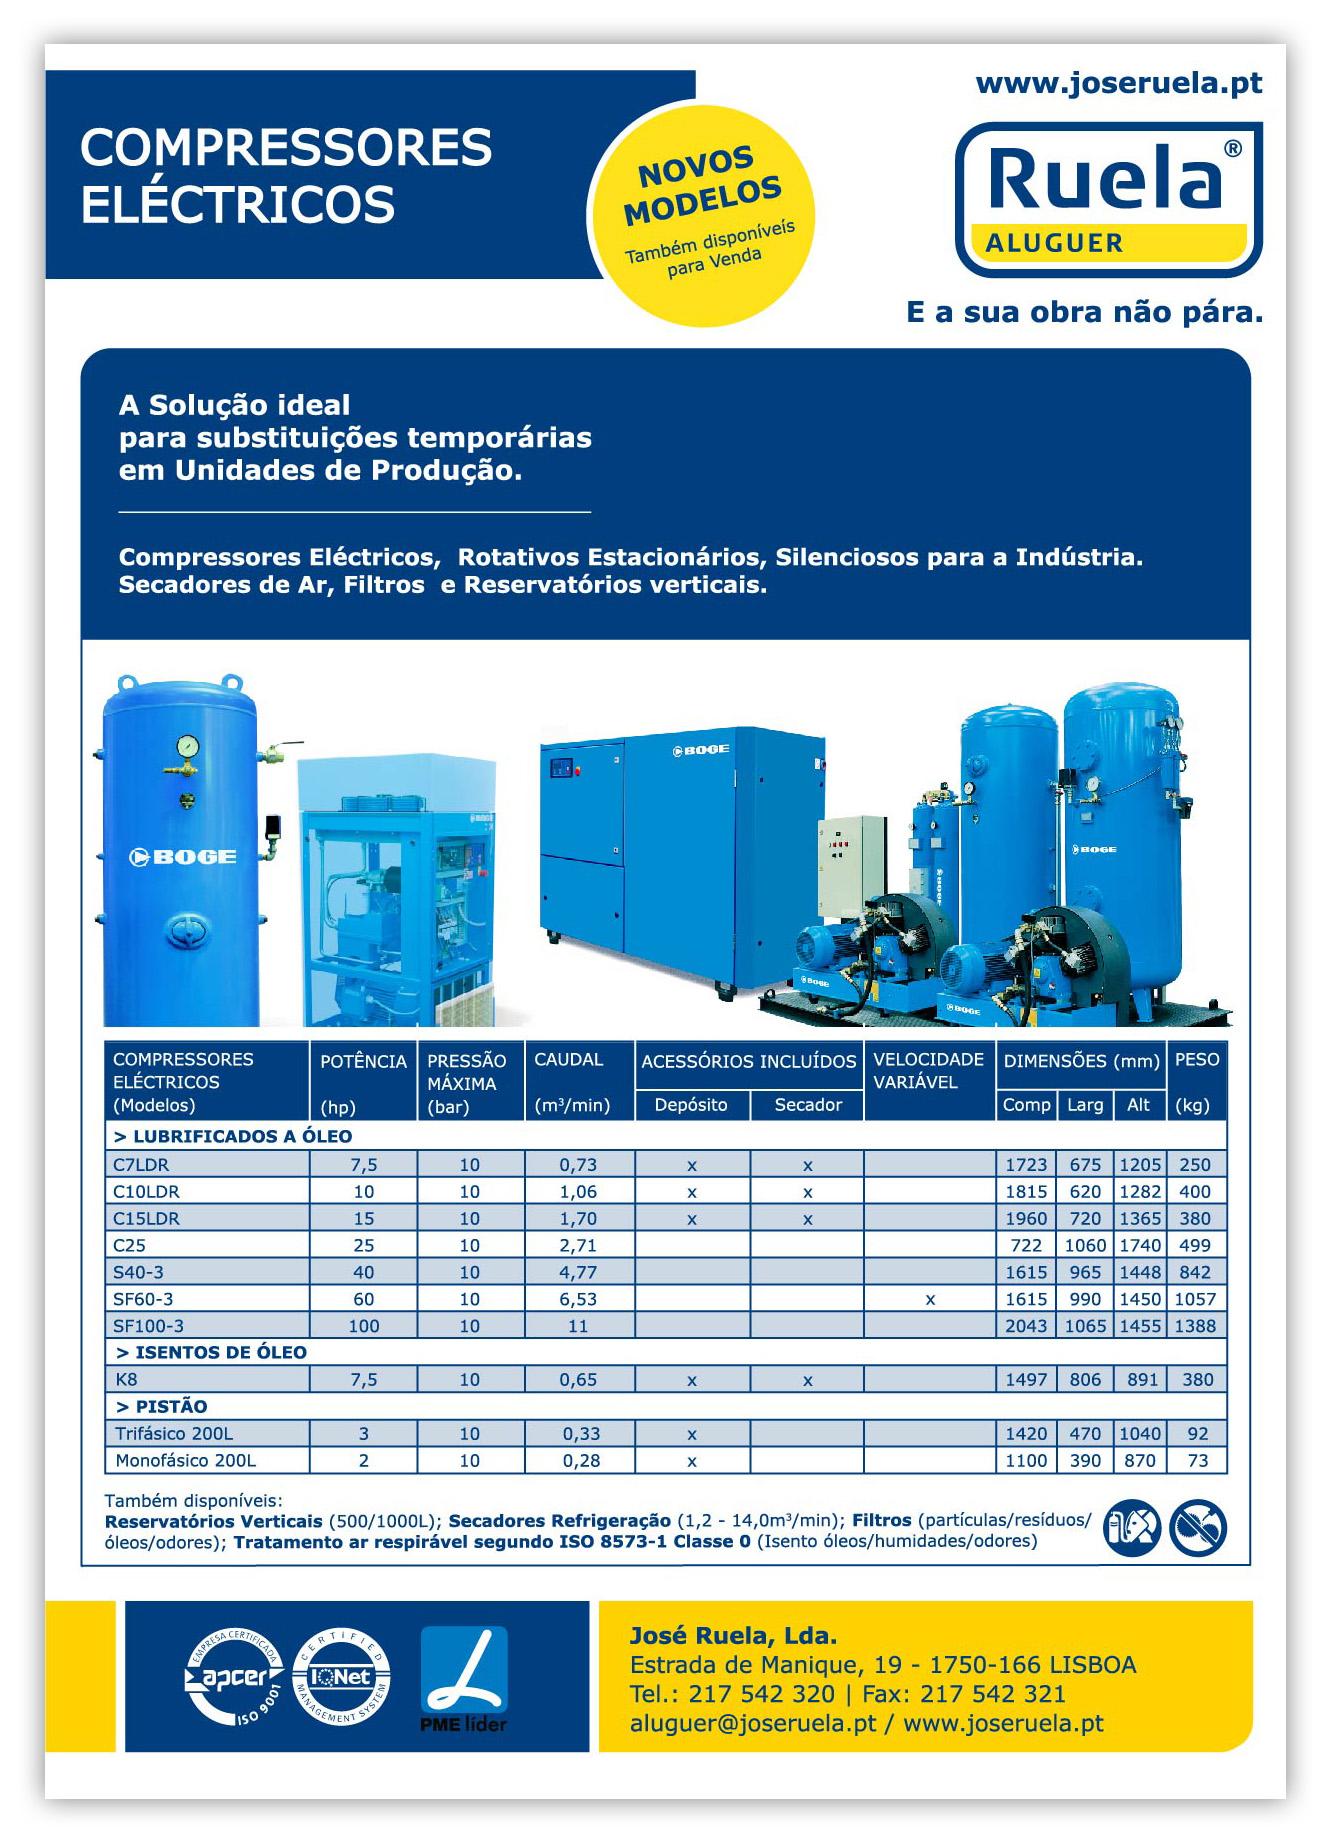 3-compressores-electricos-frota-ruela-aluguer